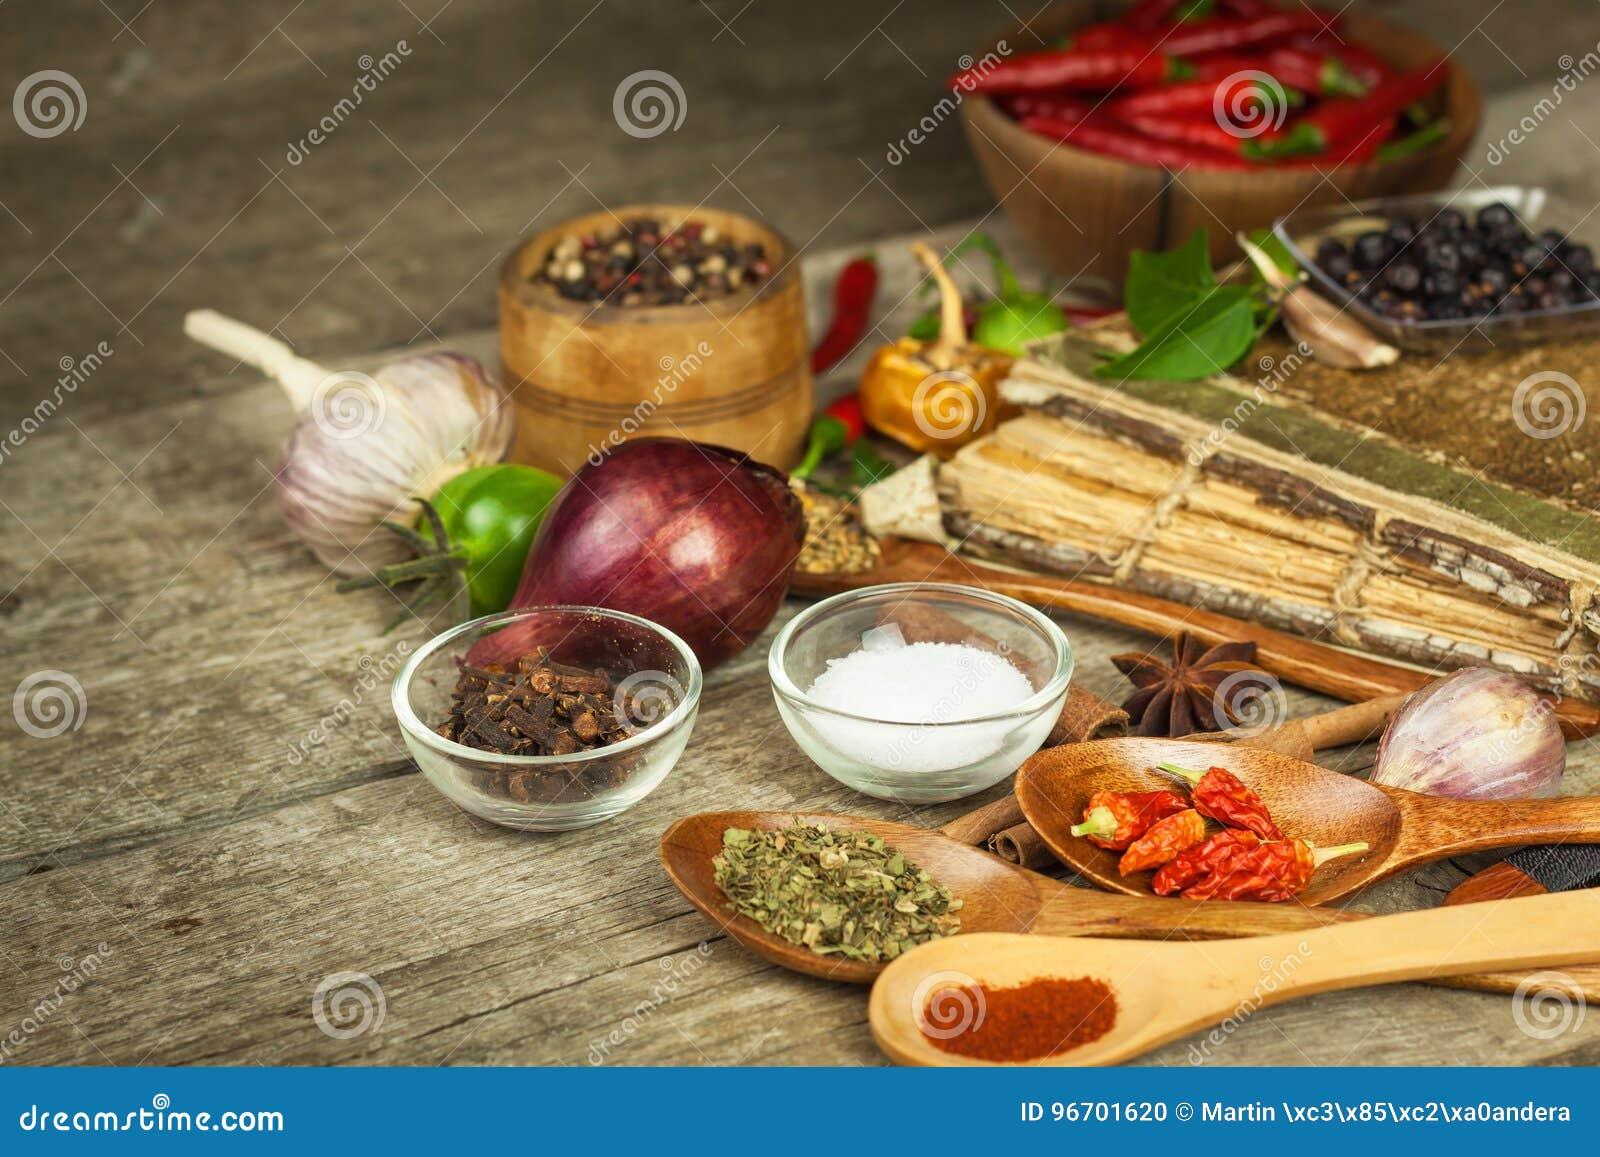 Stara książka cookery przepisy Kulinarny tło i przepis rezerwujemy z różnorodnymi pikantność na drewnianym stole